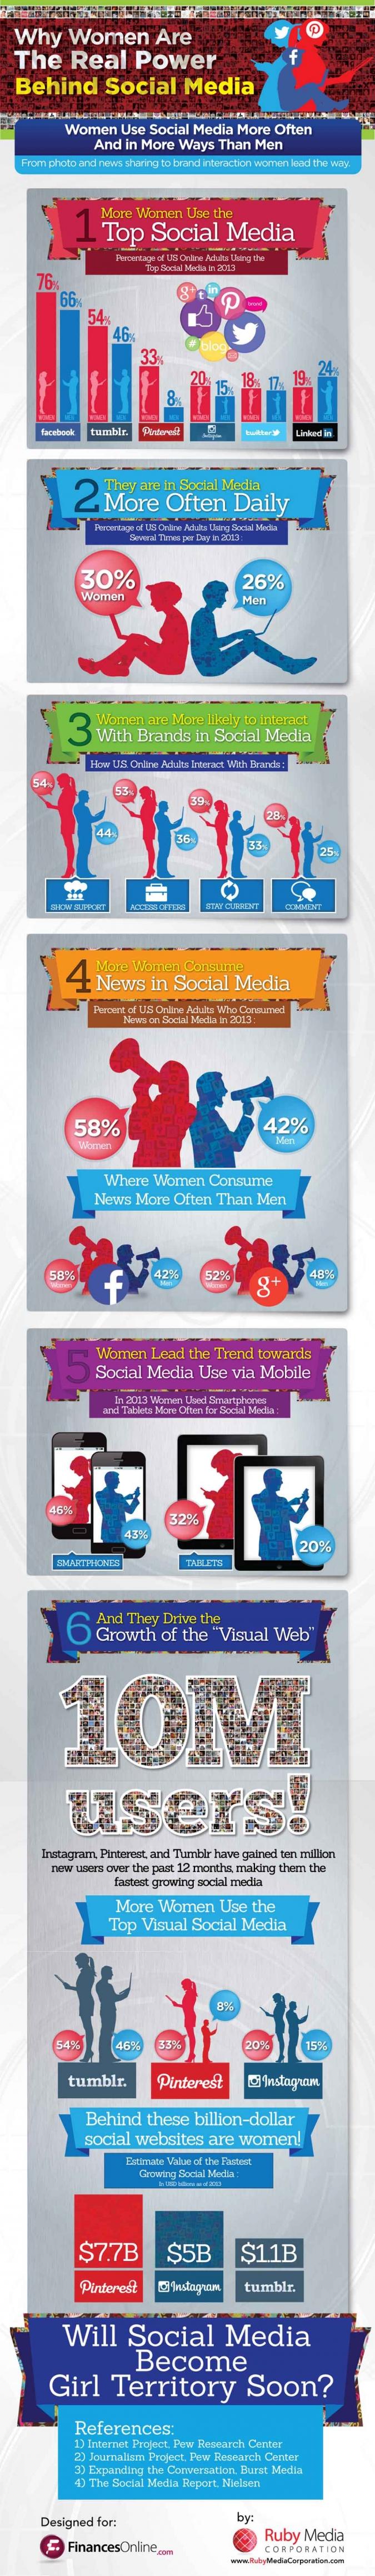 Frauenpower im Social Web - Warum Frauen die sozialen Netzwerken dominieren - die Infografik